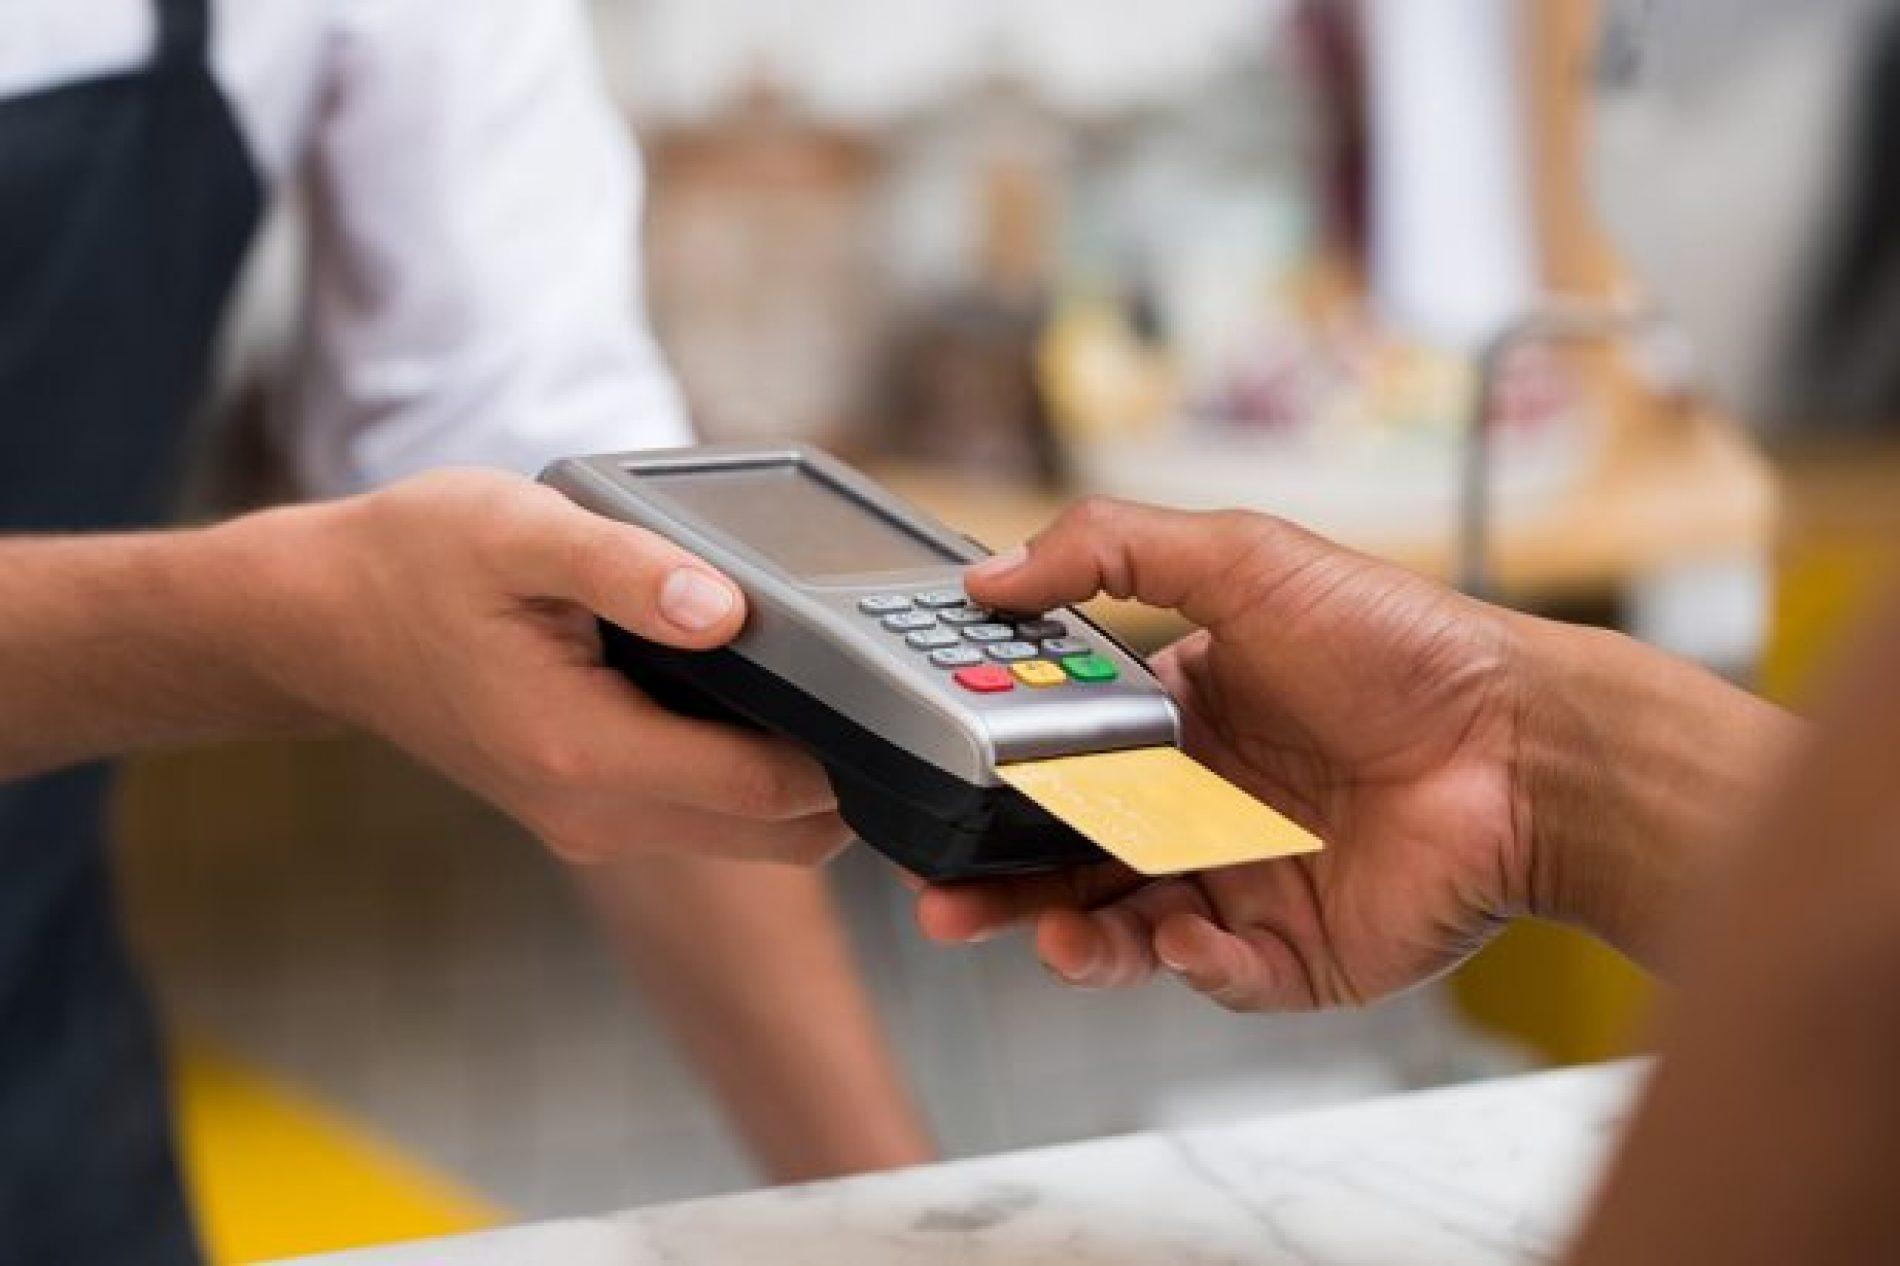 BARRETOS: Idosa tem compras indevidas com seu cartão e toma prejuízo de quase 9 mil